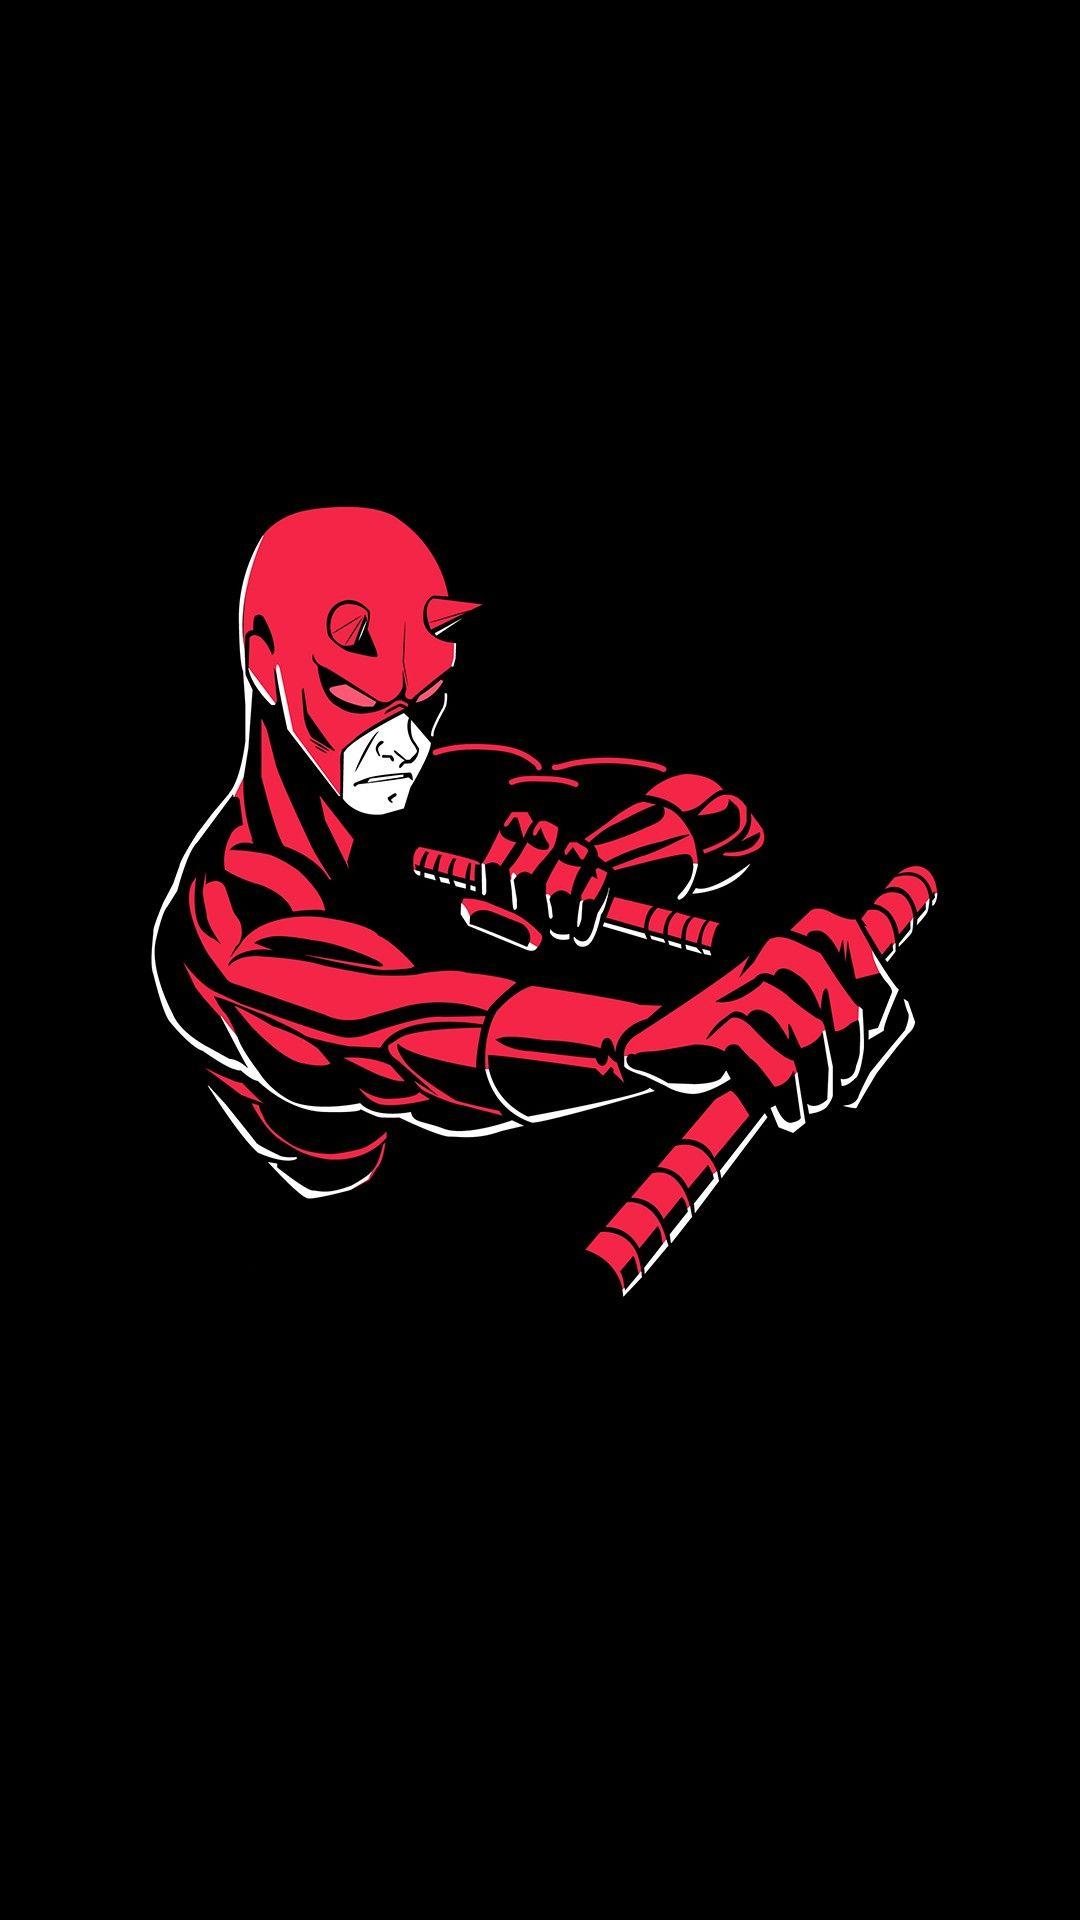 Daredevil Superheroes Marvel Fondo De Pantalla De Avengers Arte De Comics